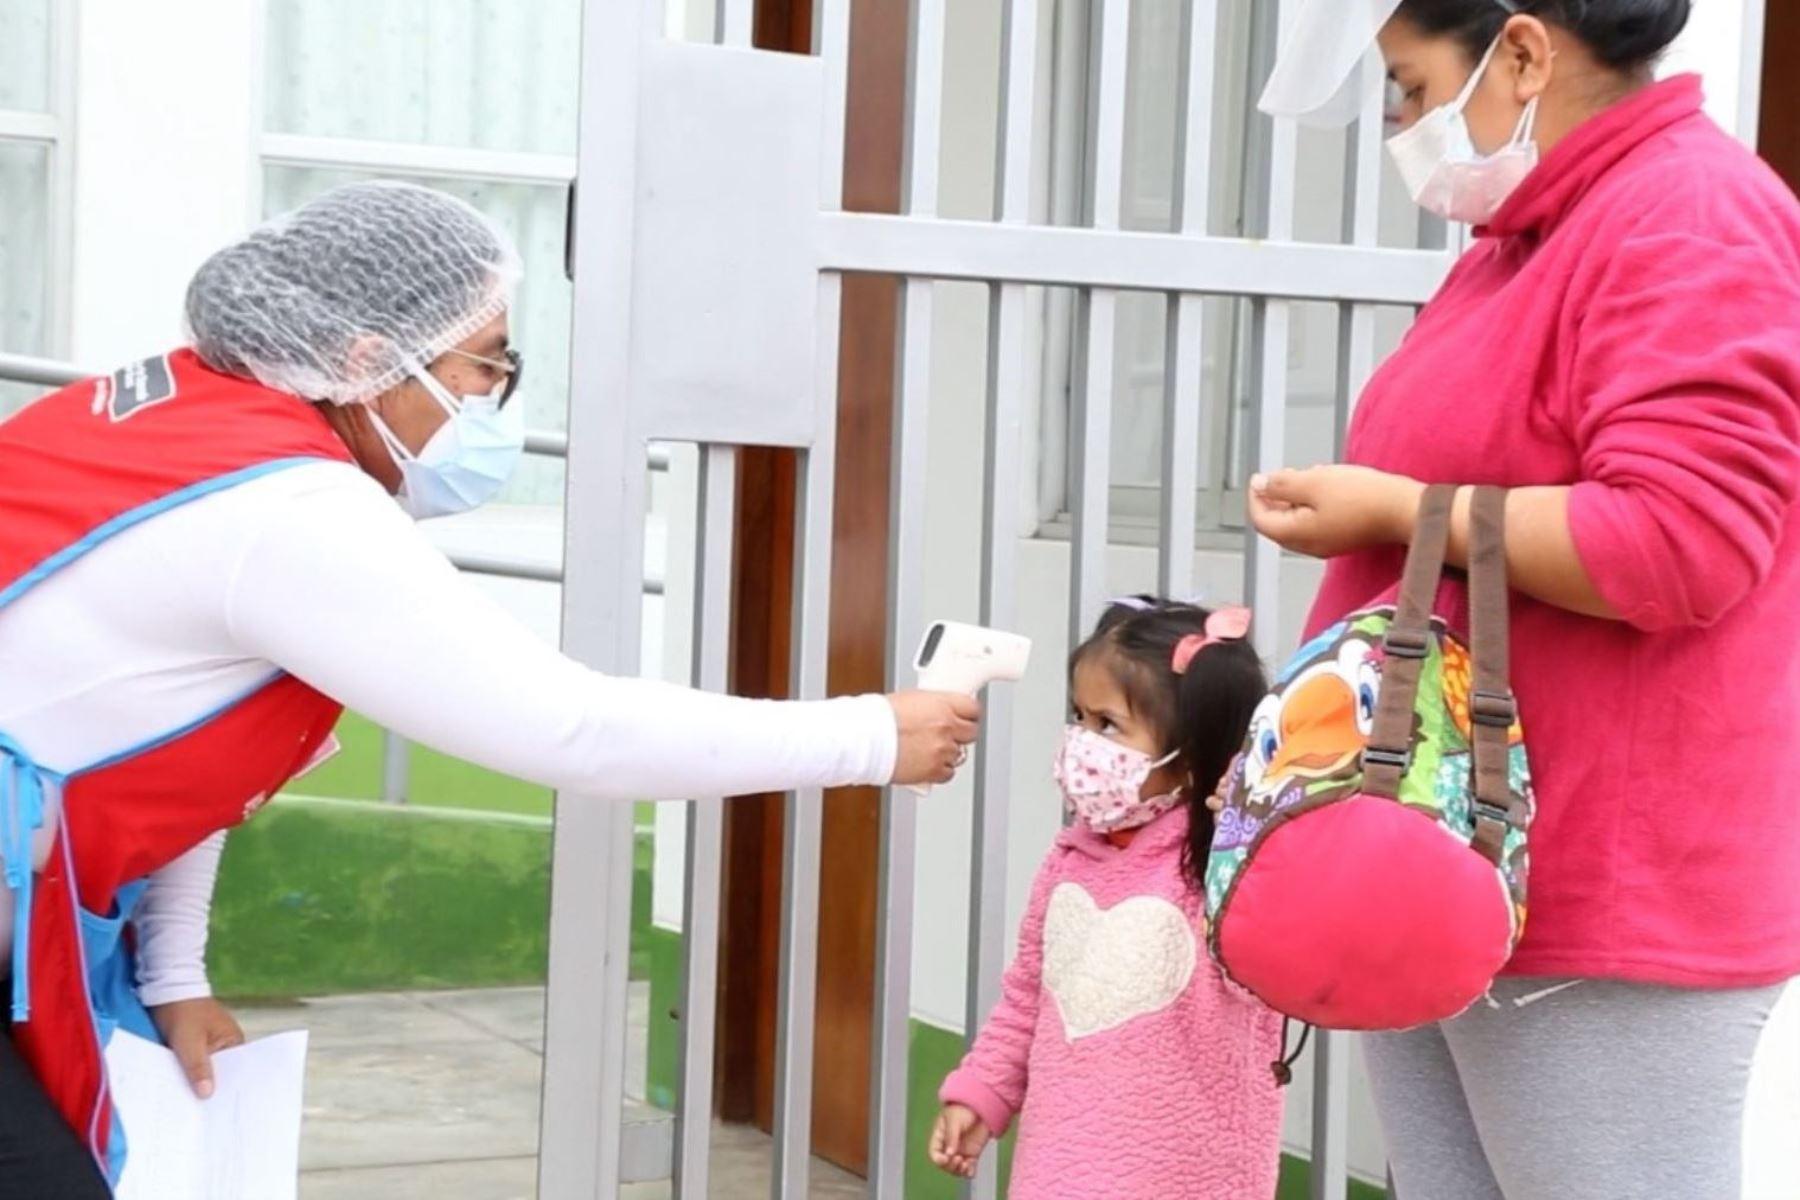 Cuna Más inicia piloto para la reactivación progresiva de sus servicios. Foto: ANDINA/Difusión.